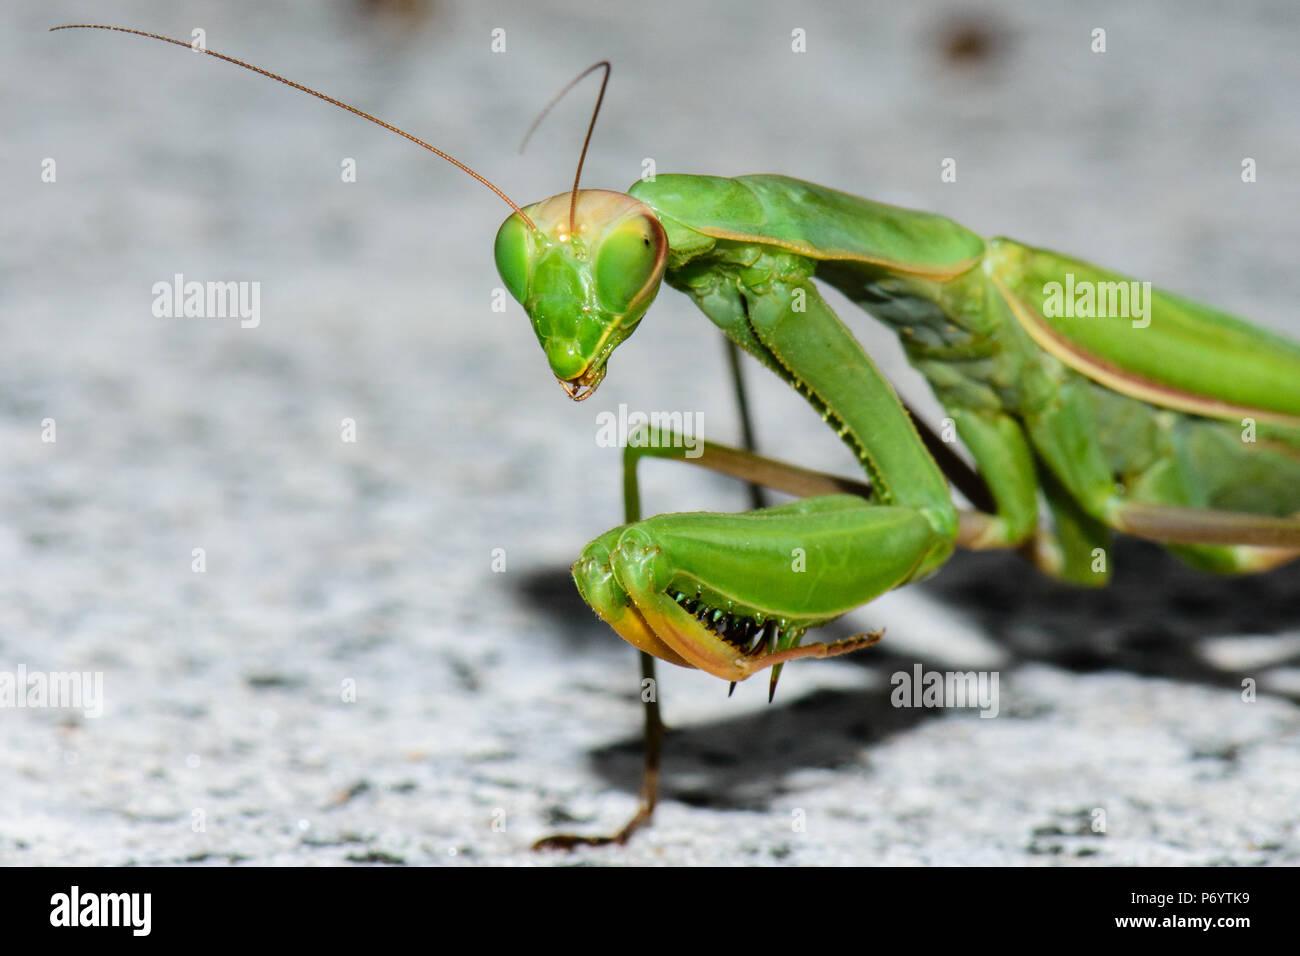 Colore naturale outdoor wildlife vicino la fotografia macro di un singolo isolato verde mantide religiosa su un sfondo lapideo Immagini Stock